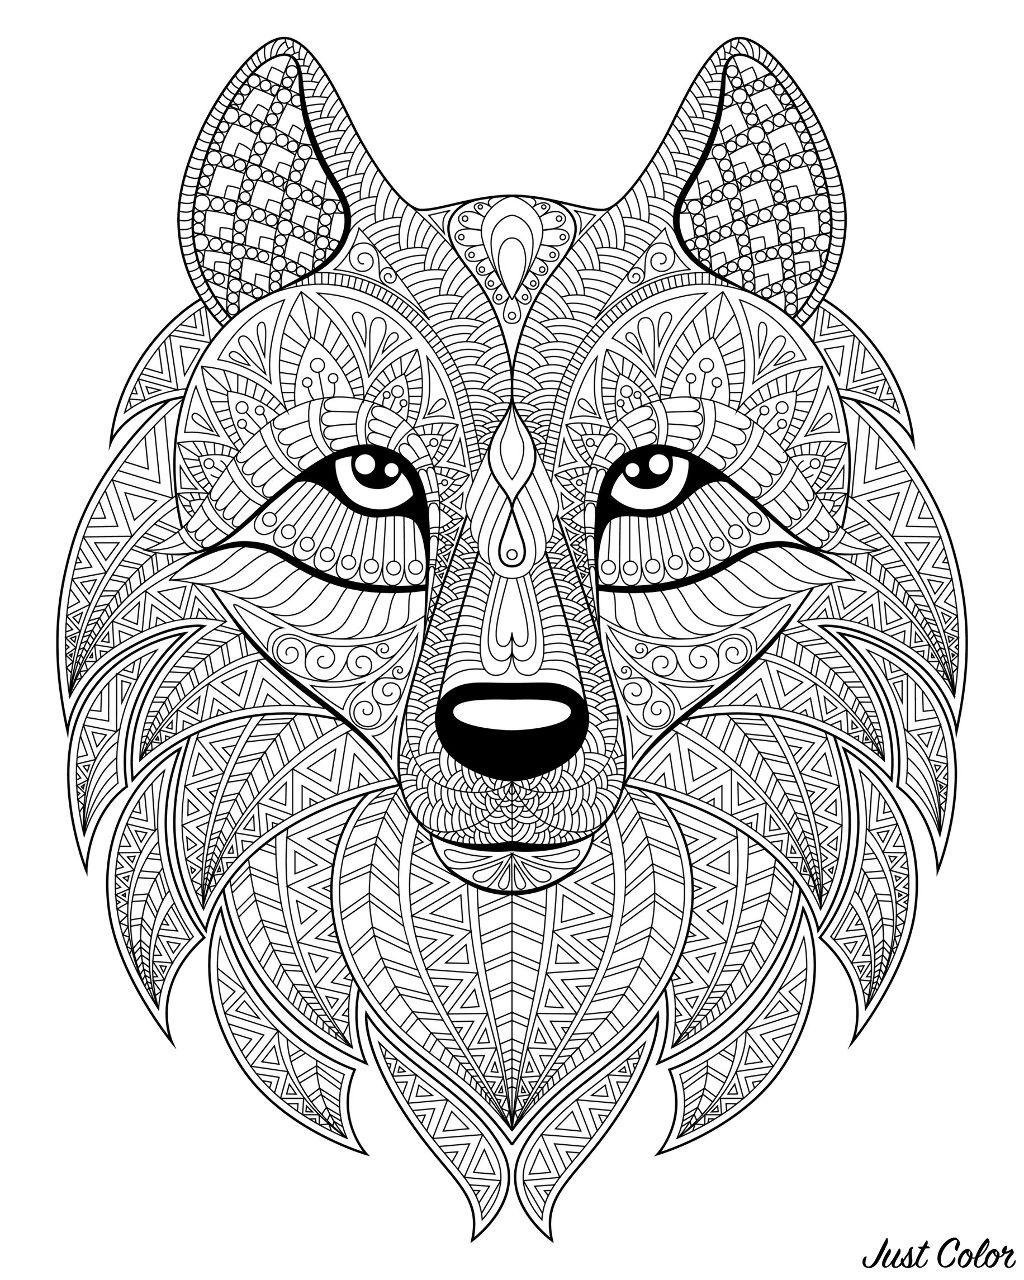 Tête de loup, avec motifs complexes